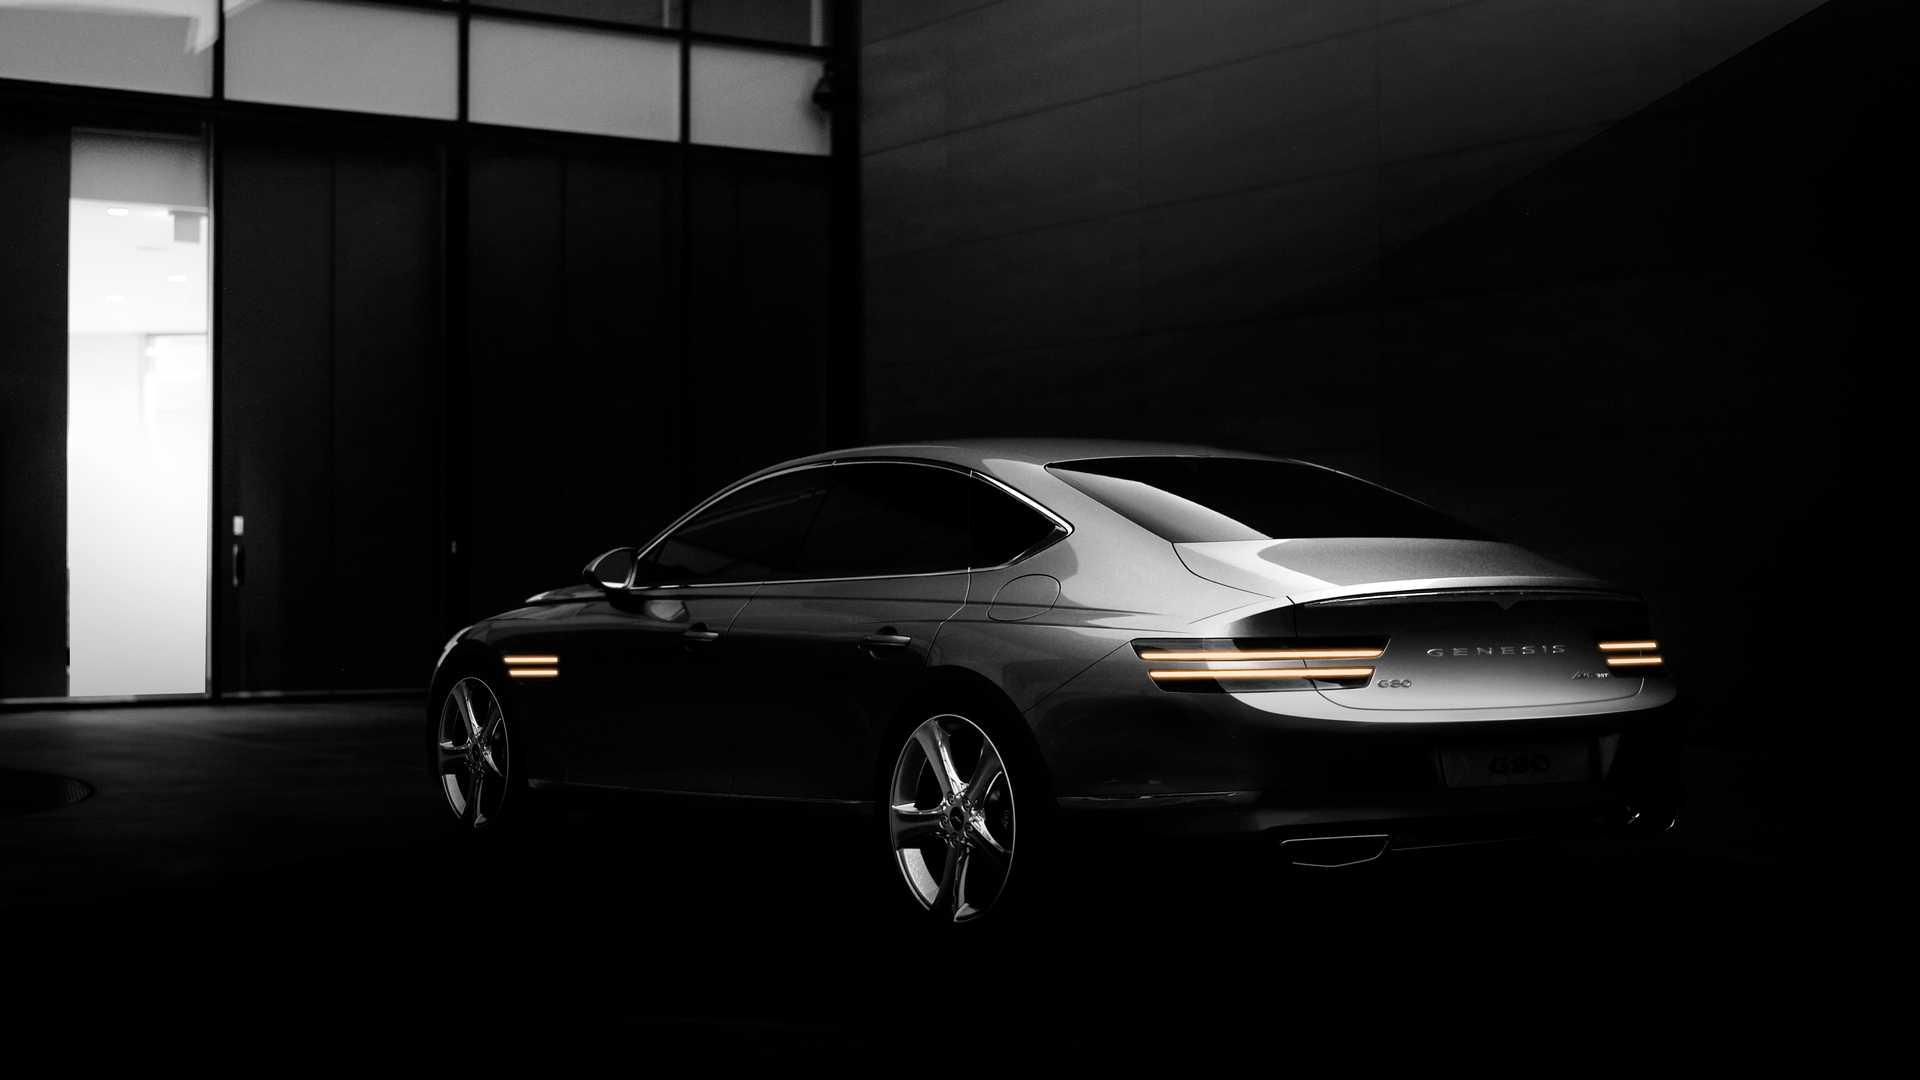 2021-genesis-g80-sedan.jpg